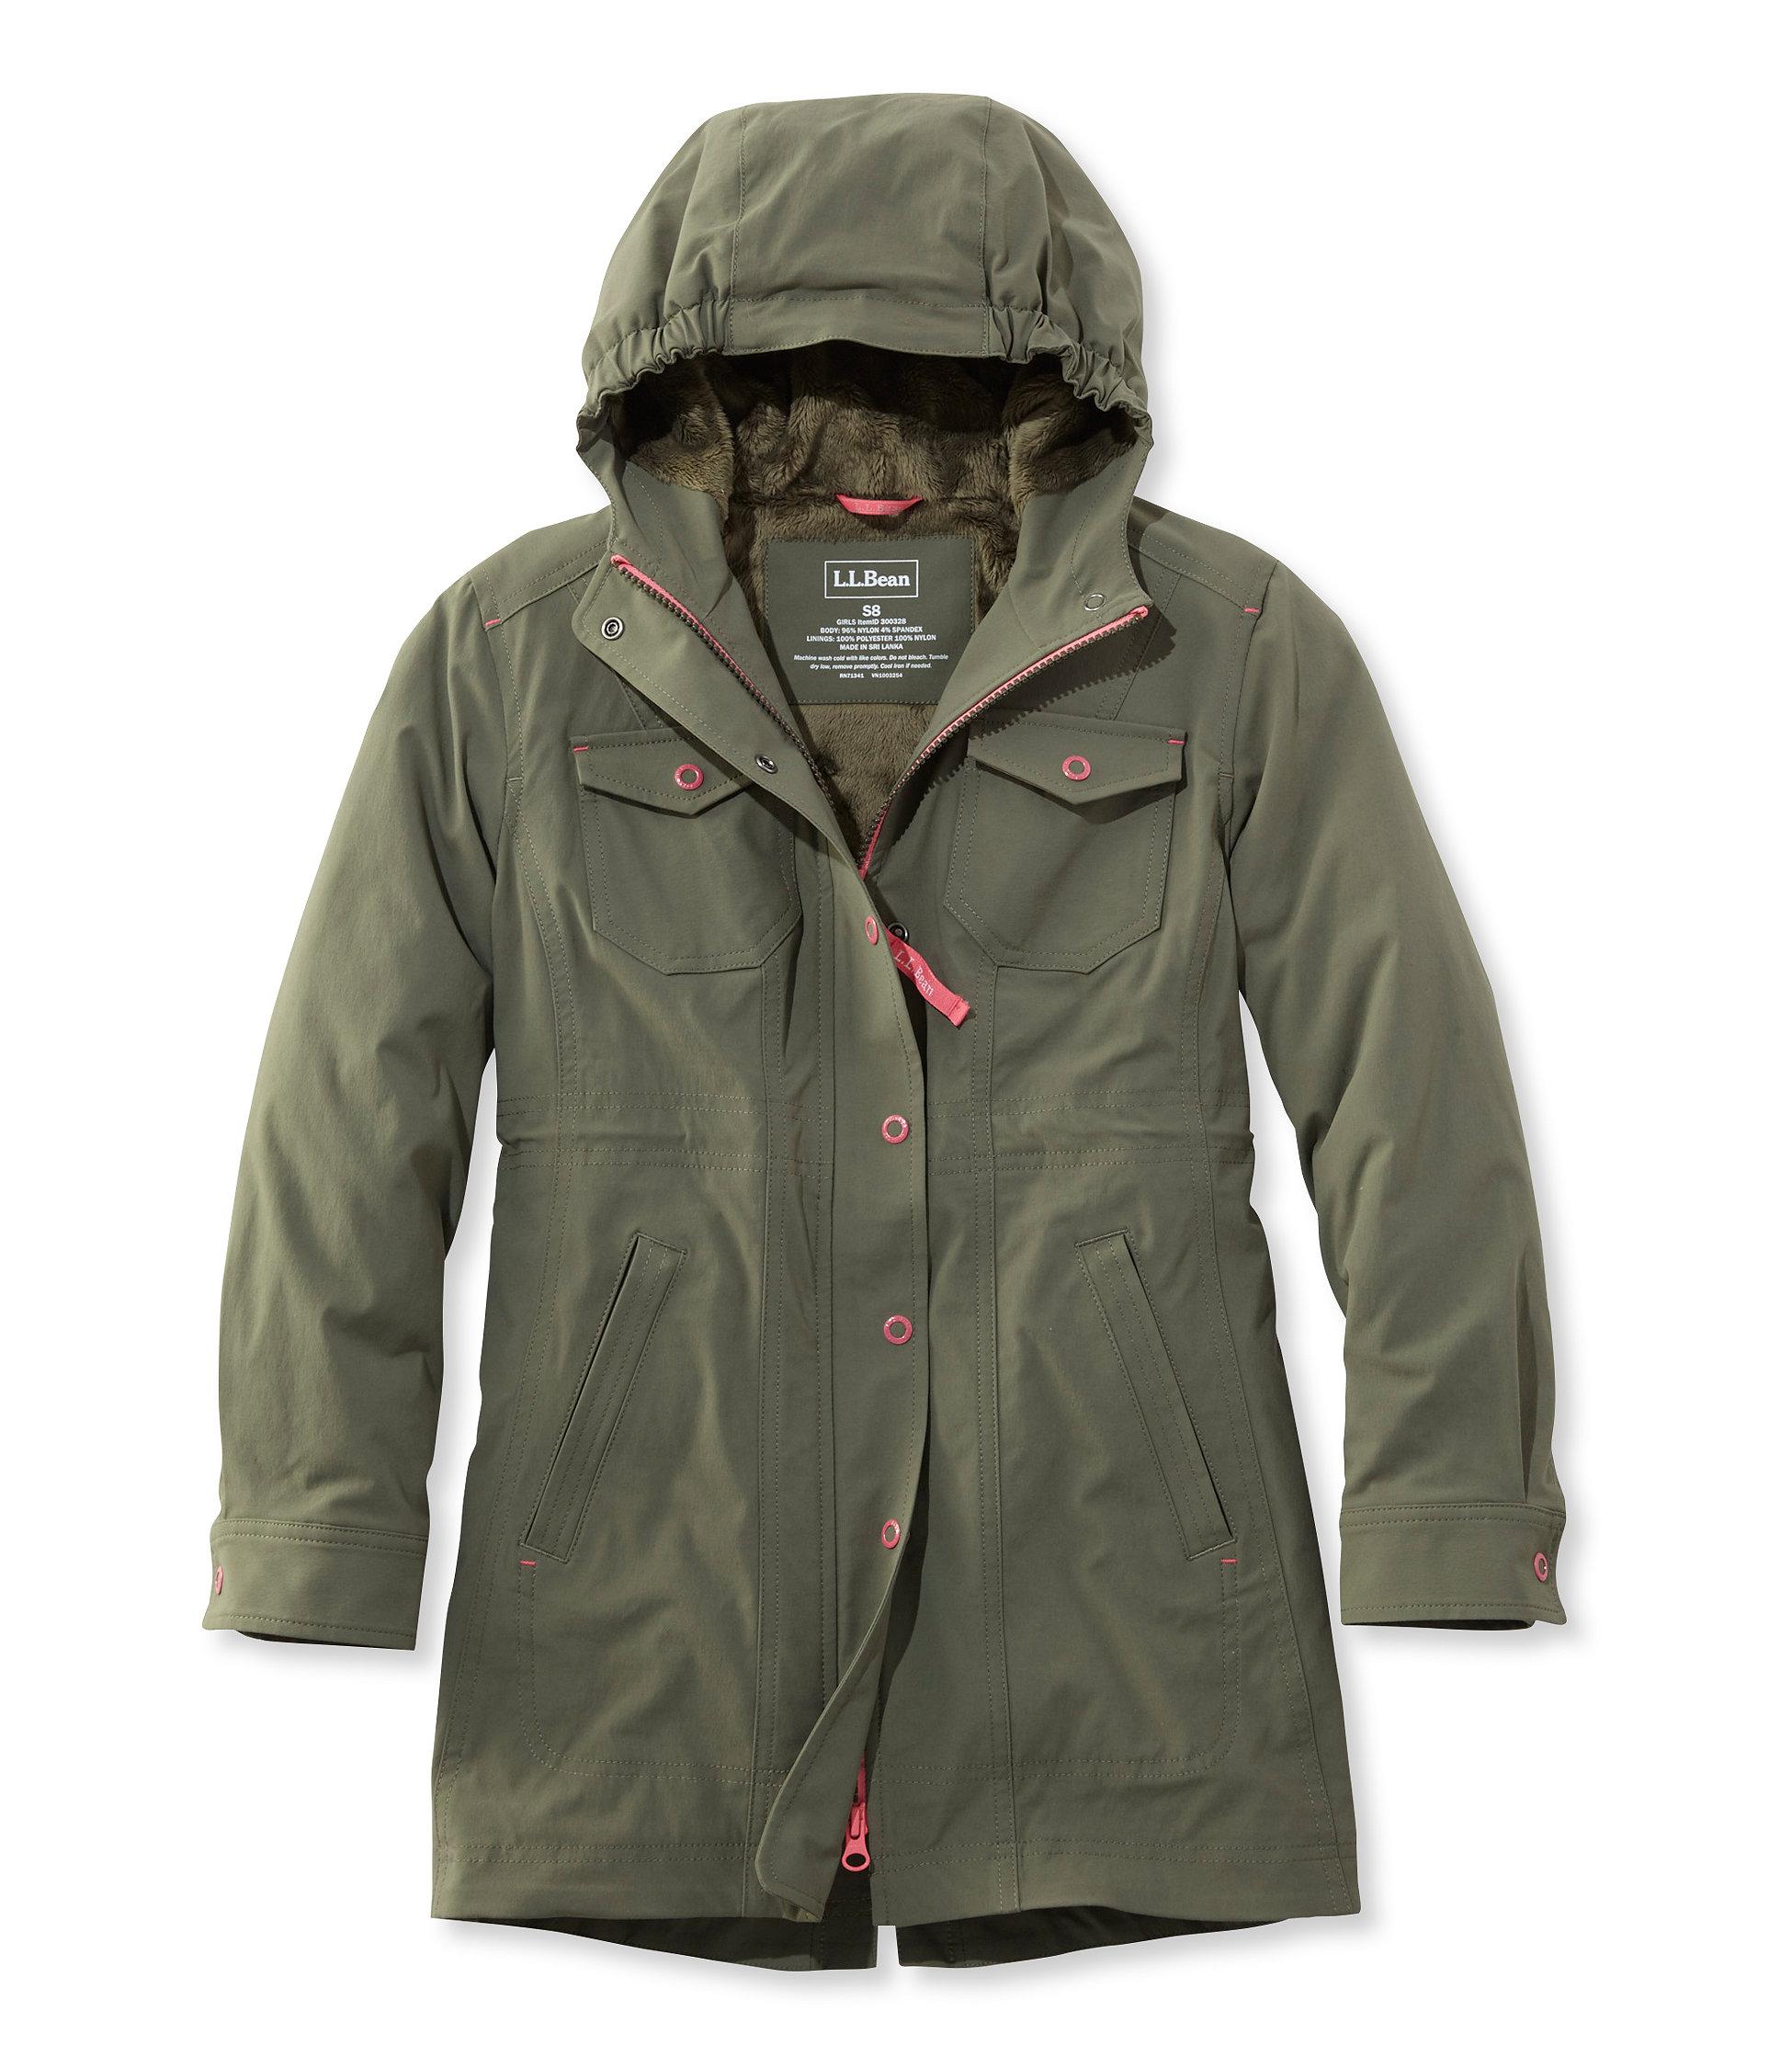 L.L.Bean Luna Jacket